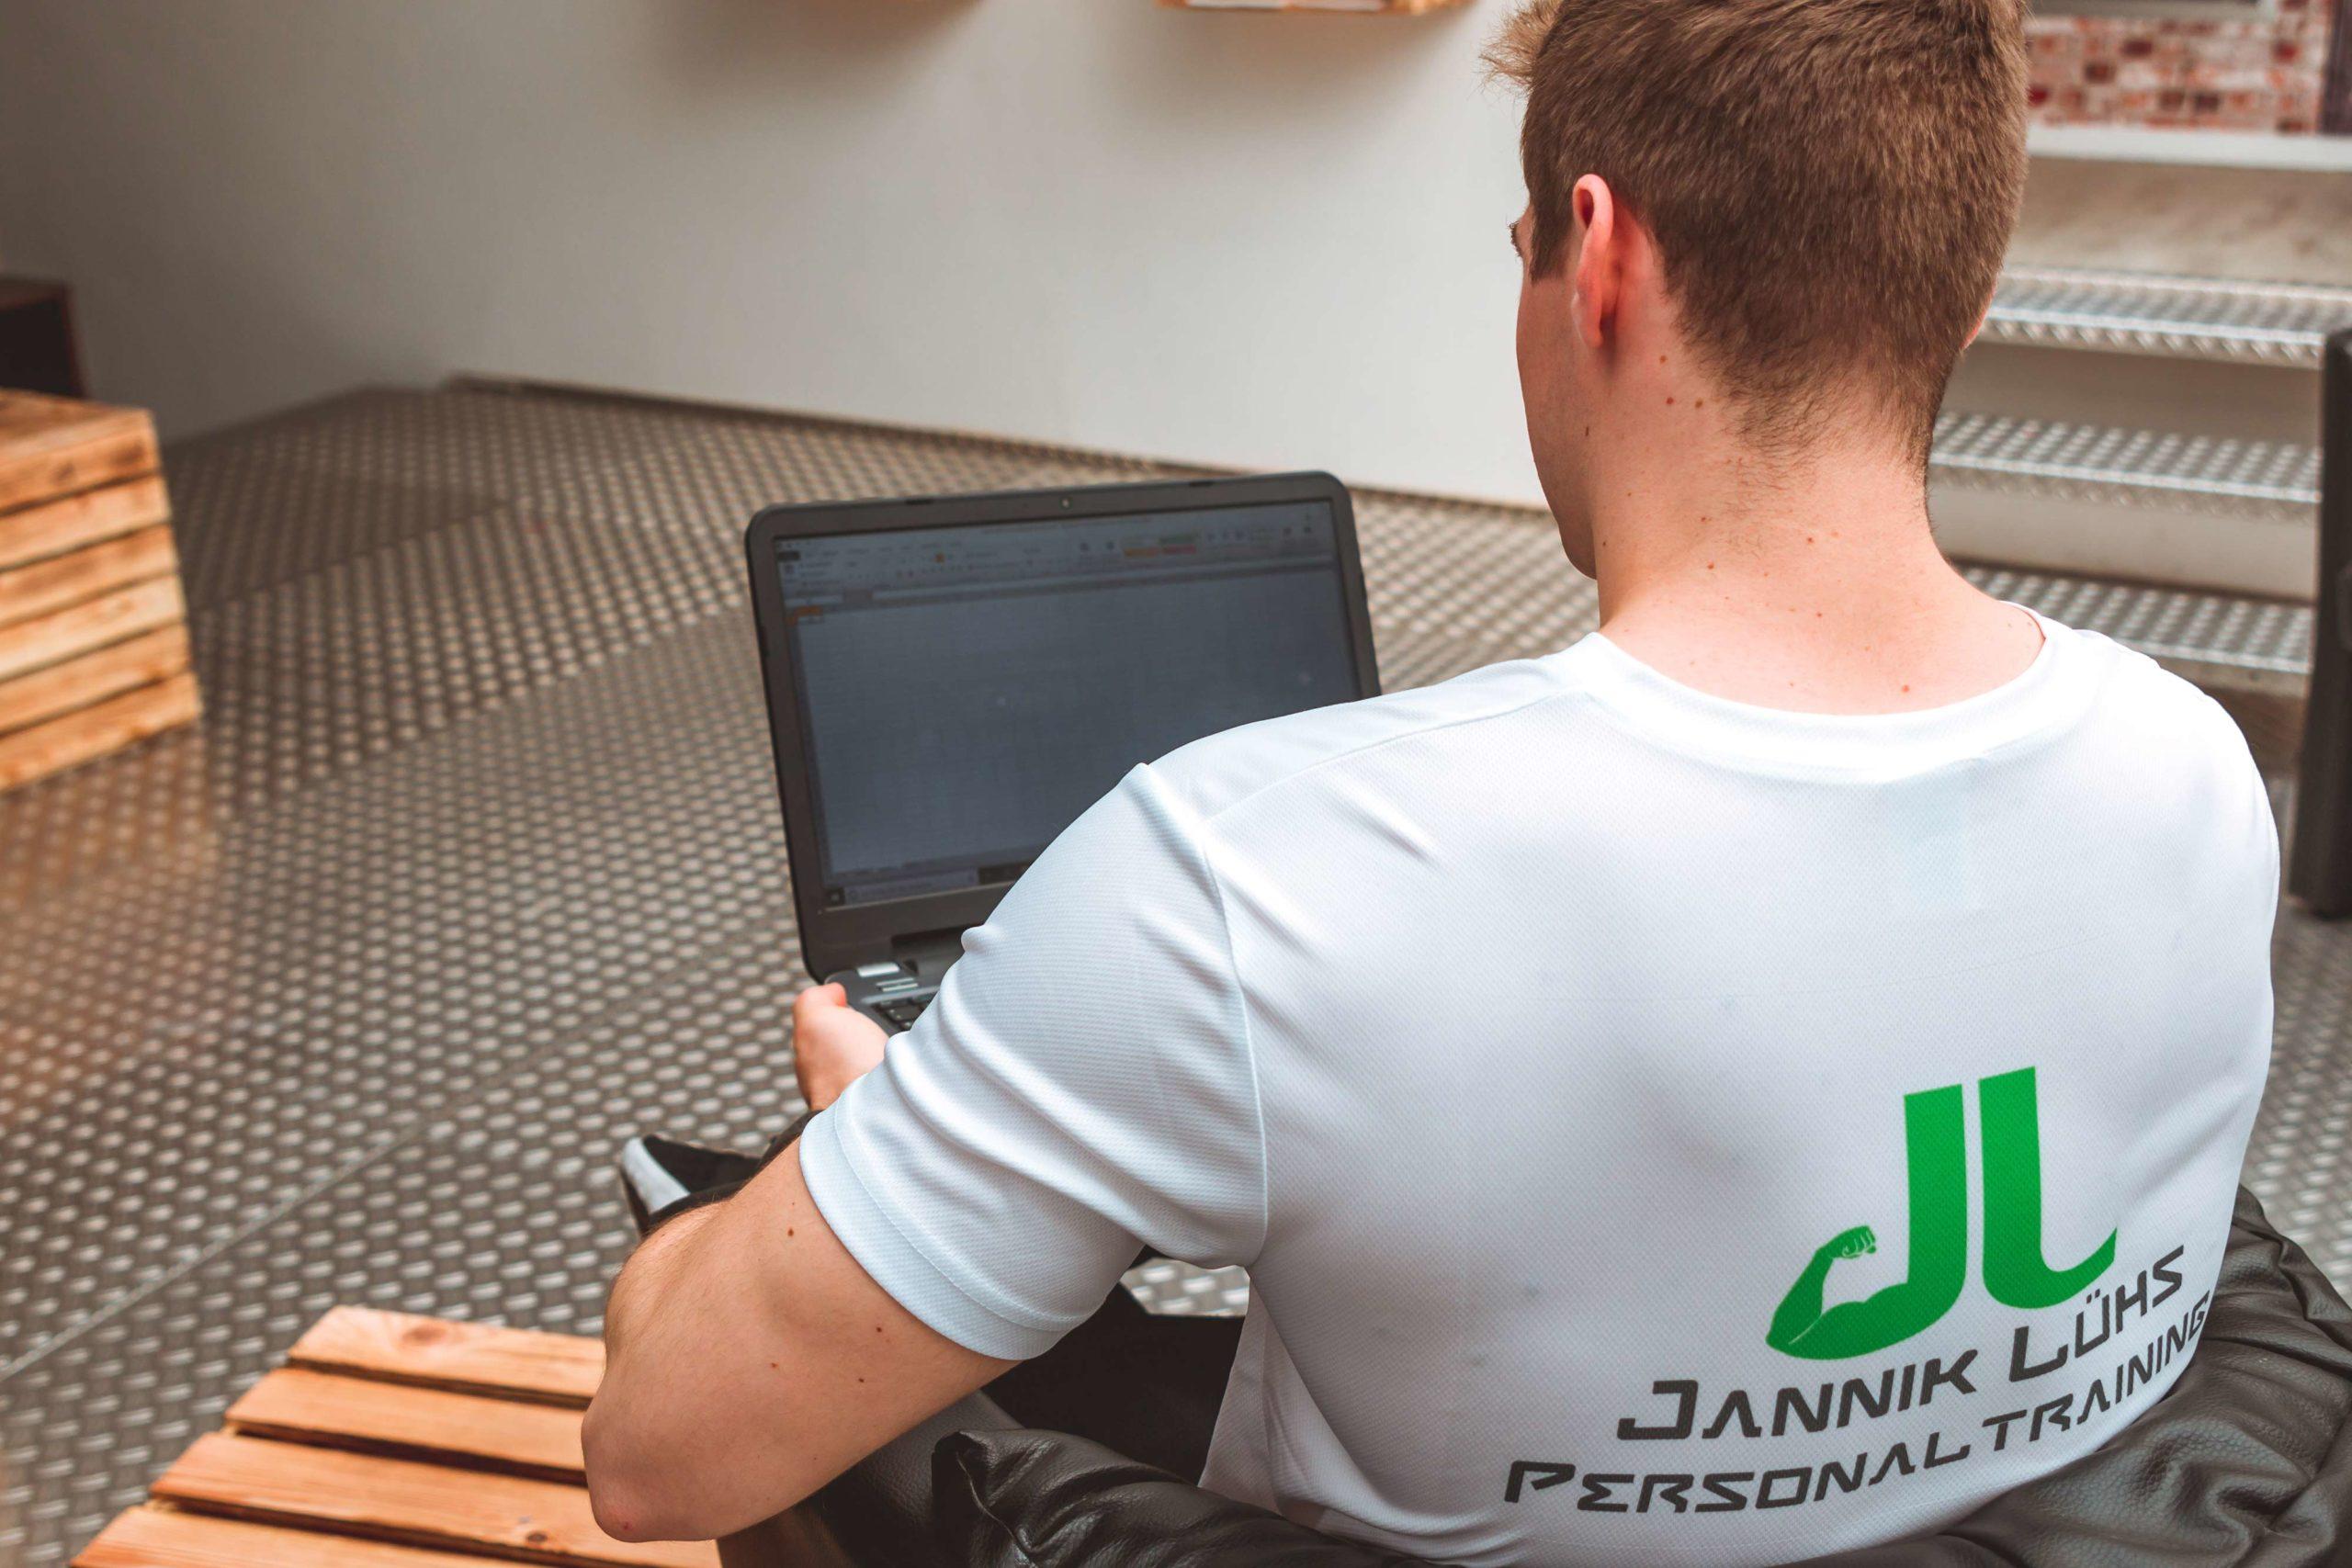 Online Coaching: Jannik Lühs bei der online Betreuung seiner Klienten und der Vorbereitung von Gesundheitsvorträgen